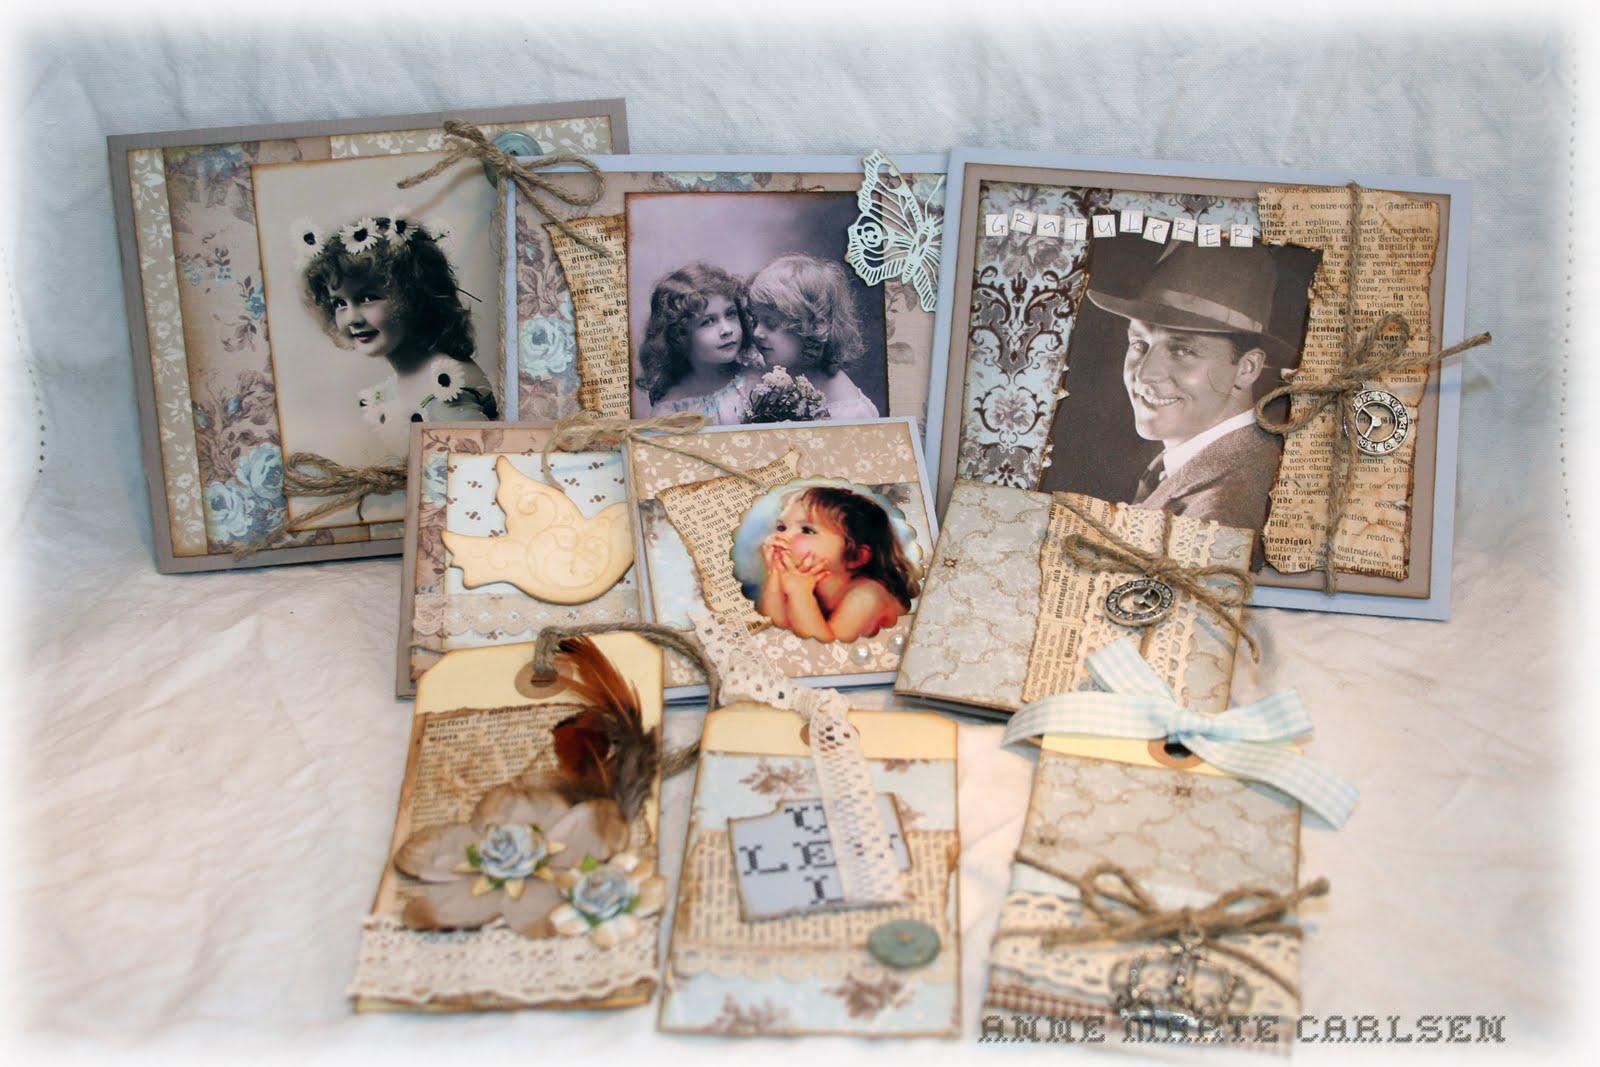 http://2.bp.blogspot.com/_zj2BL4IhNmA/S8cdA5xh64I/AAAAAAAACpc/QJl8xNO-HTA/s1600/IMG_2960+copy.jpg